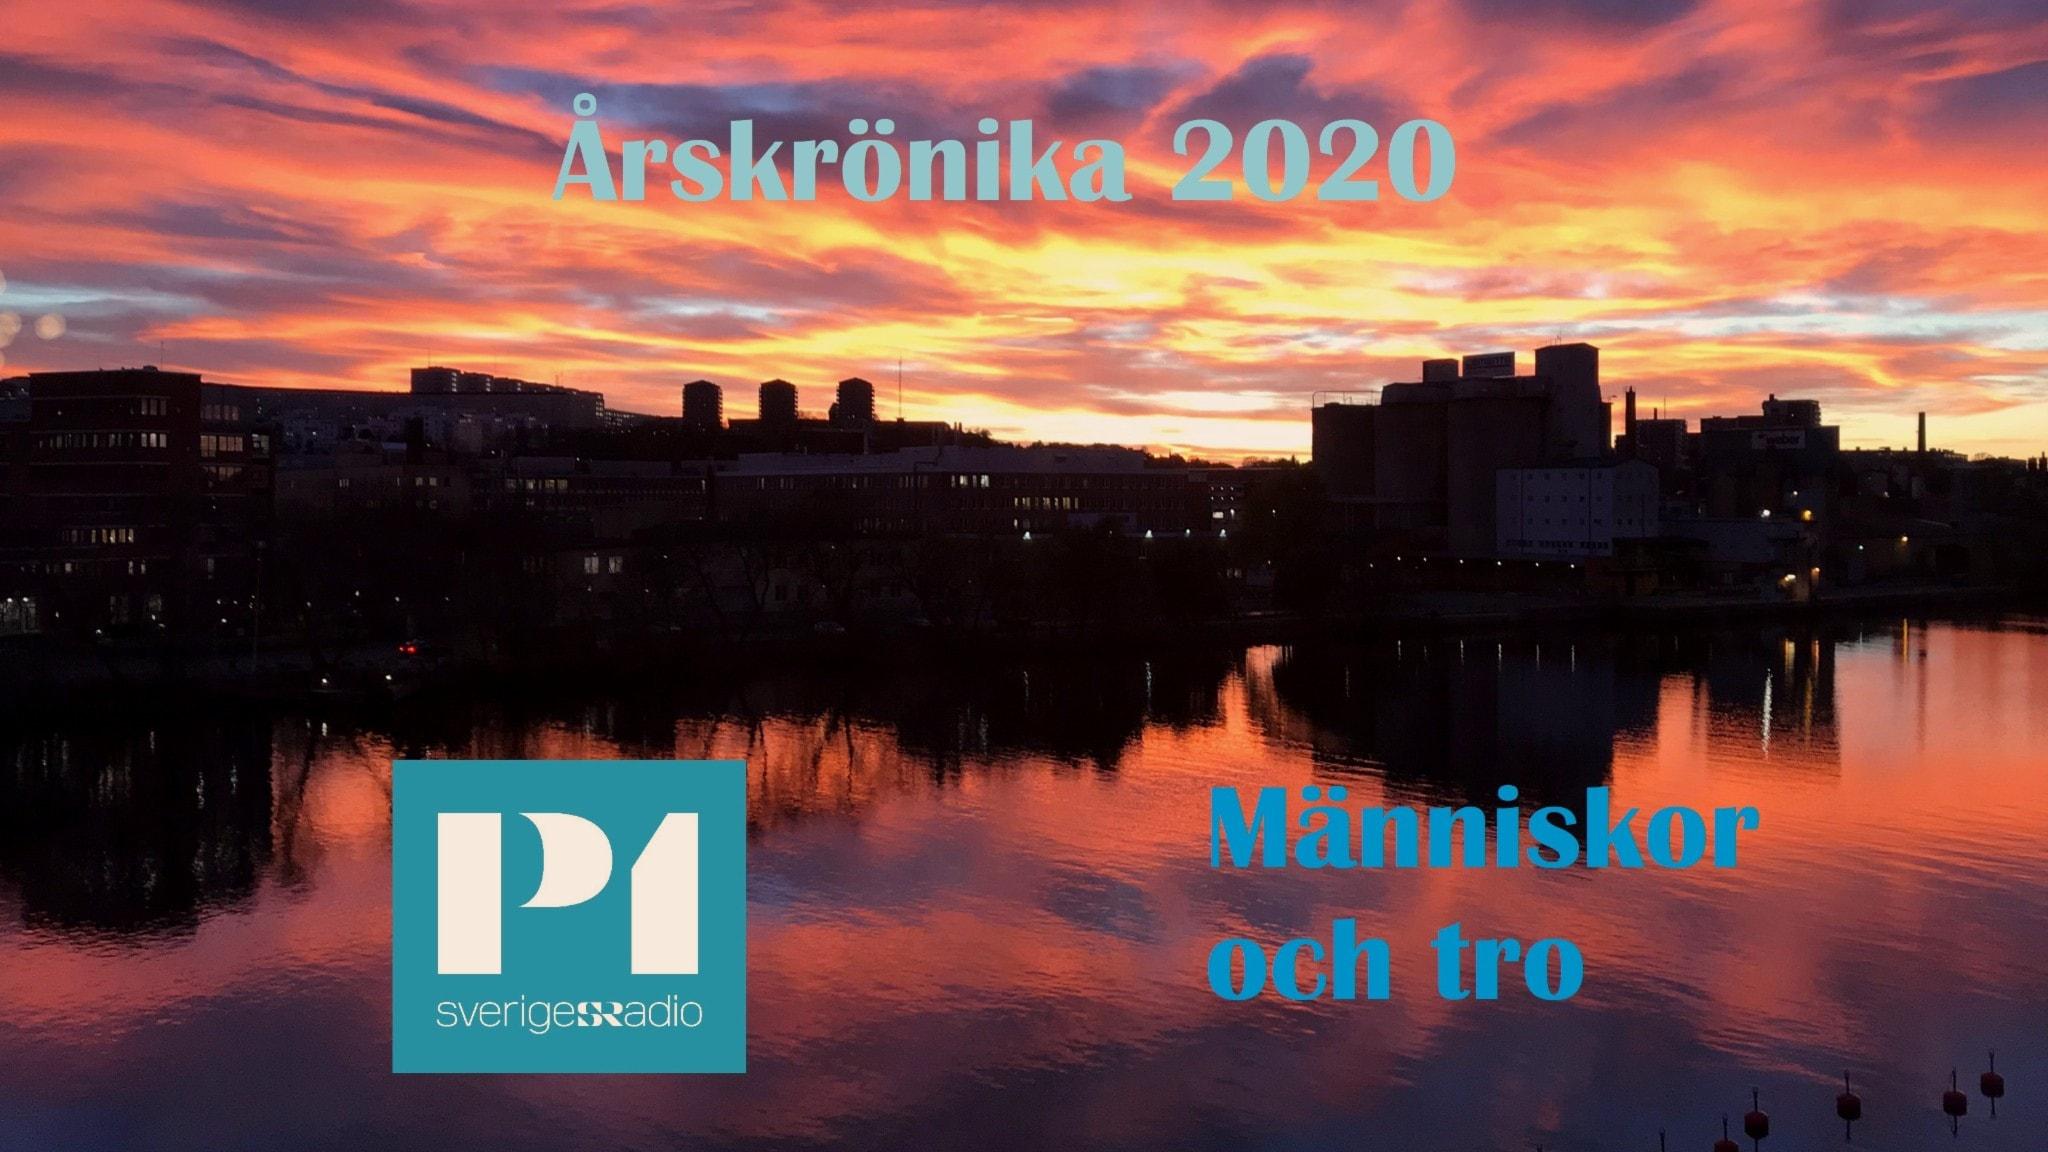 Människor och tro Årskrönika 2020